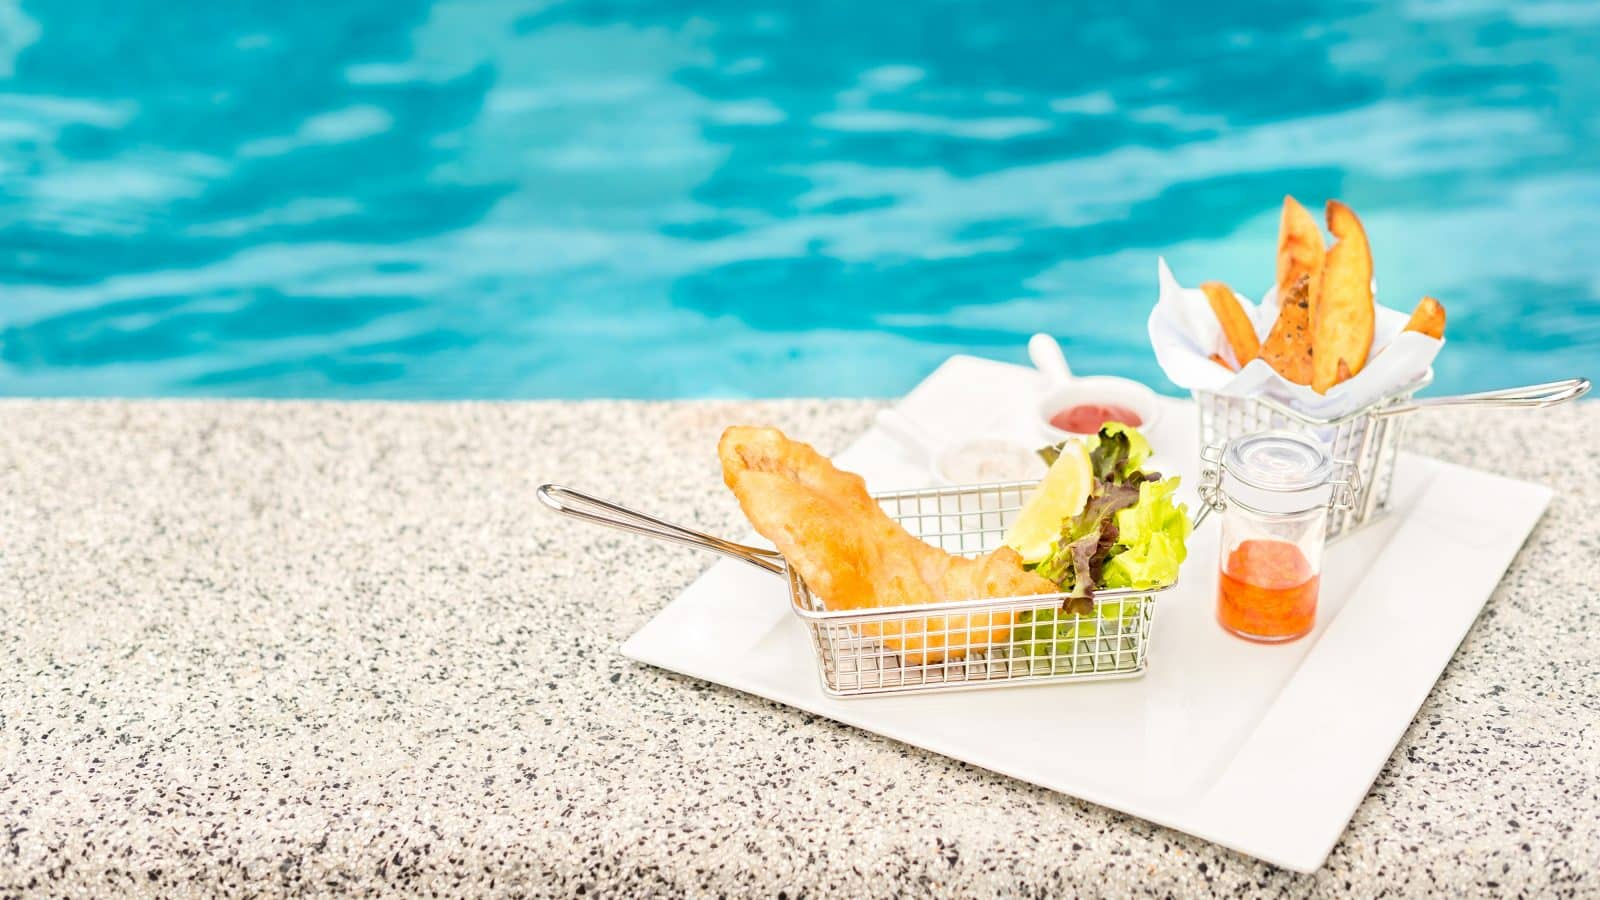 Fish and chips bij het zwembad